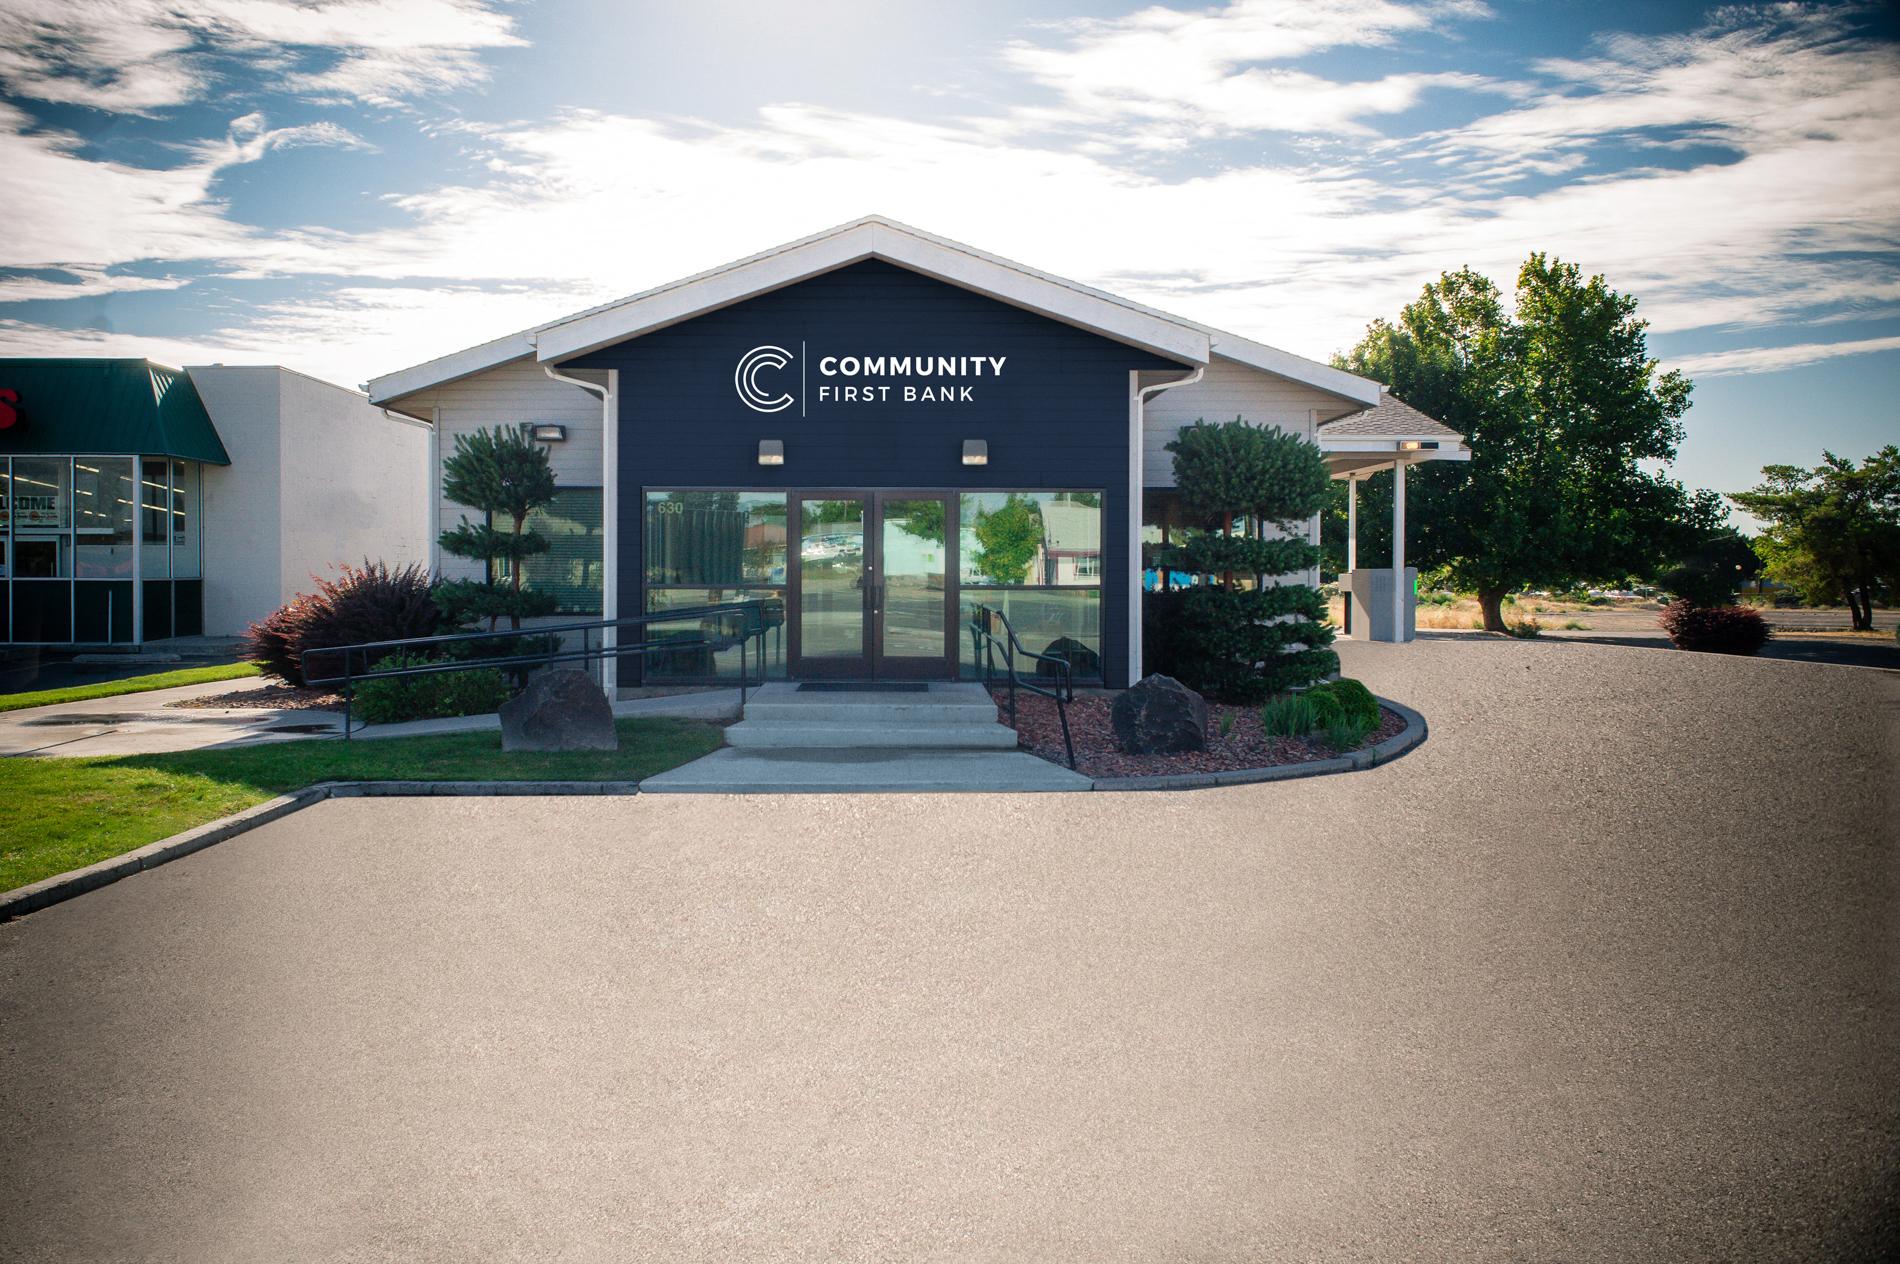 Bank Exterior Photo